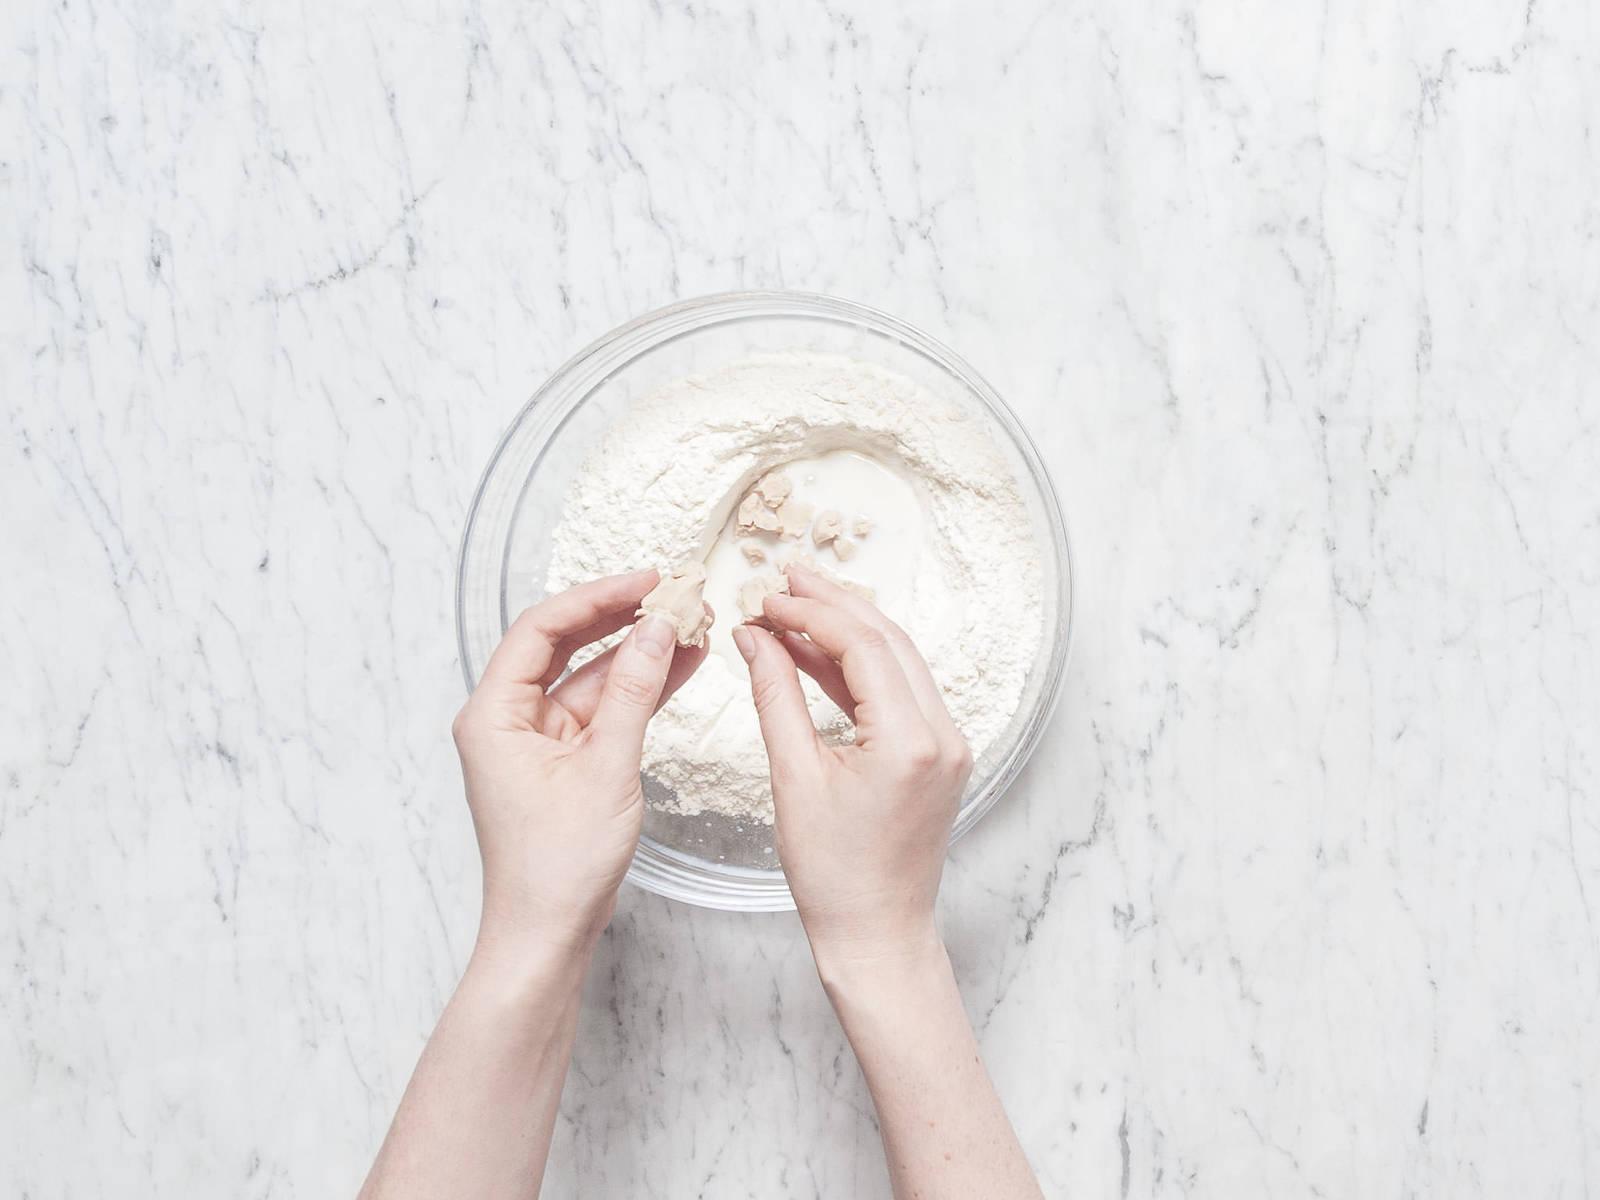 将面粉和泡打粉放到一个搅拌碗中,搅拌混合。在其中间搅出一个小洞,倒入牛奶。将新鲜酵母捏碎,撒到牛奶中。撒上些许糖,慢慢开始和面,直至形成面团。用厨房纸盖住碗,放到温和处,让面团发酵15分钟。